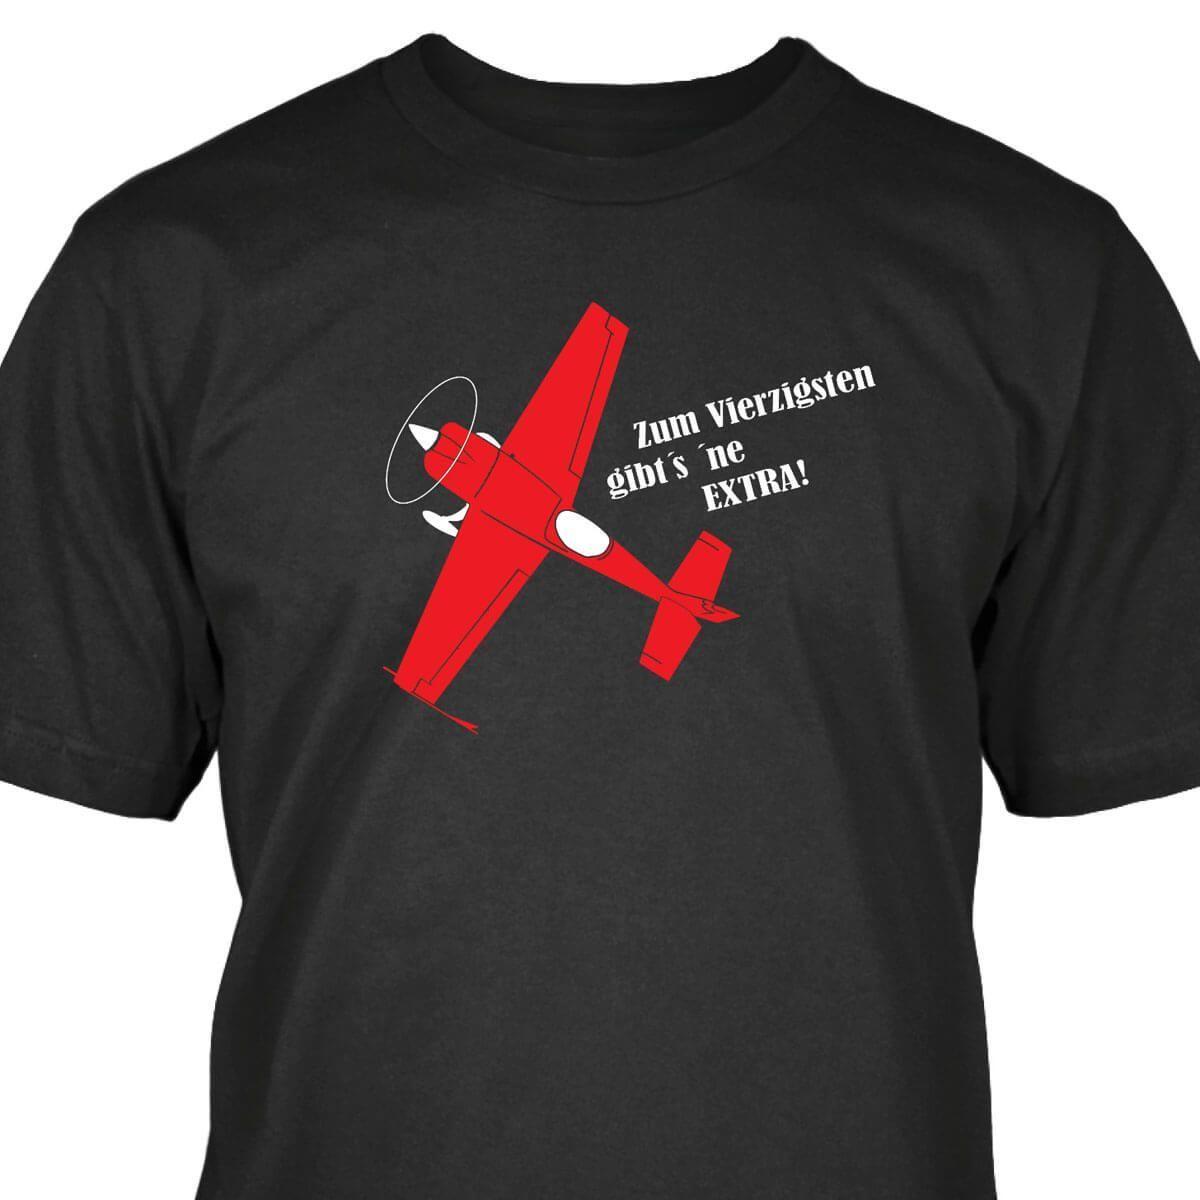 300 RC T-Shirt Camisa Dos Homens T de Manga Curta Impressão Casua Camisas de Impressão T Shirt Homens 2018 Homens Verão Tops Casuais